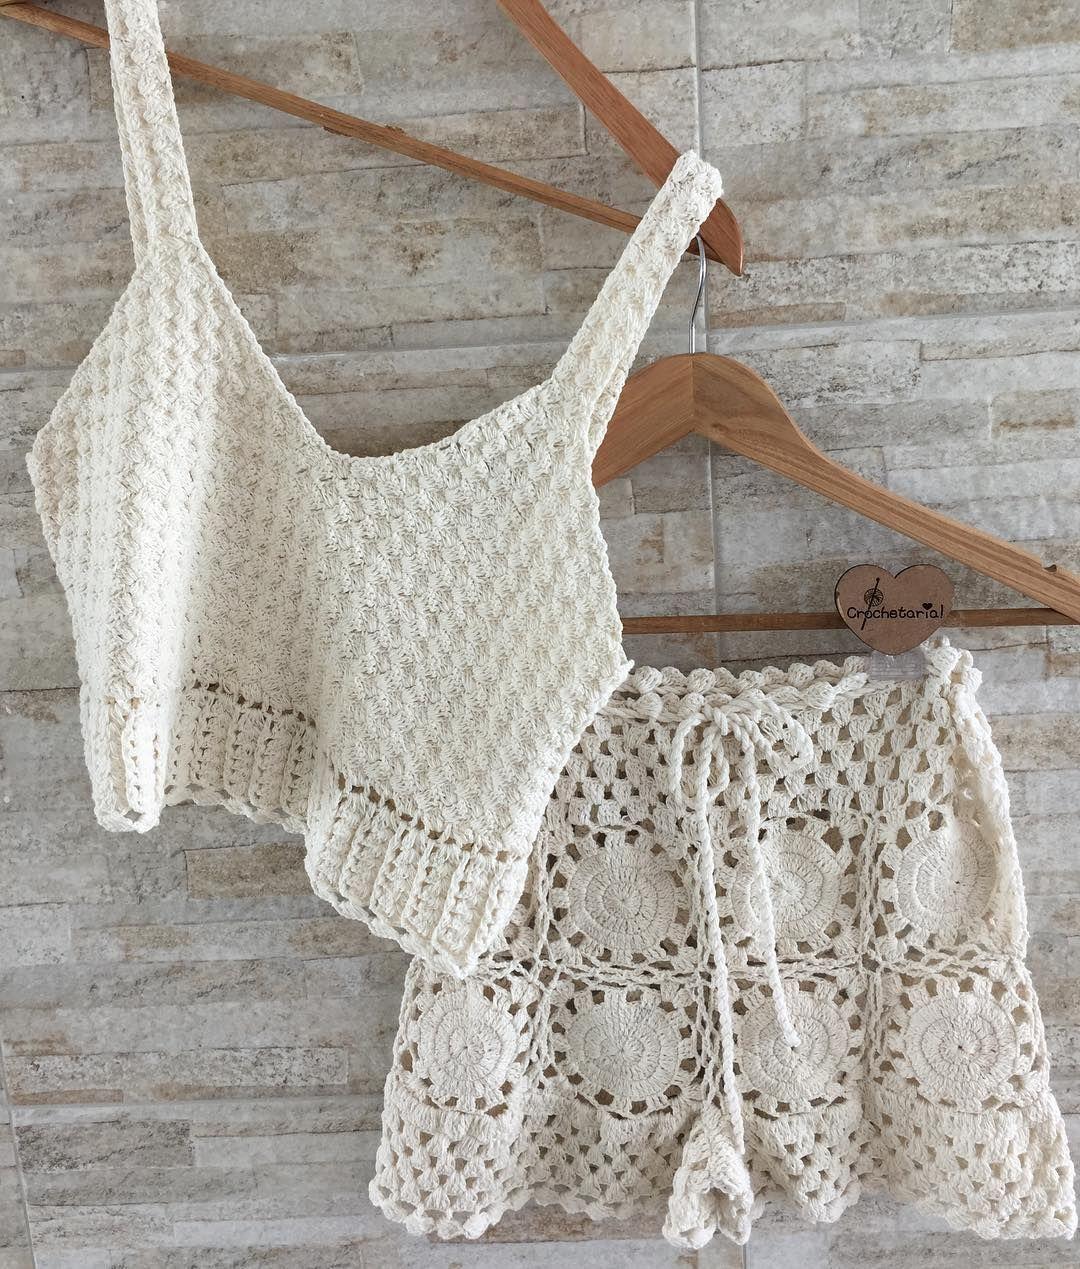 Dê um toque handmade ao grande dia com a revista Moda Crochê